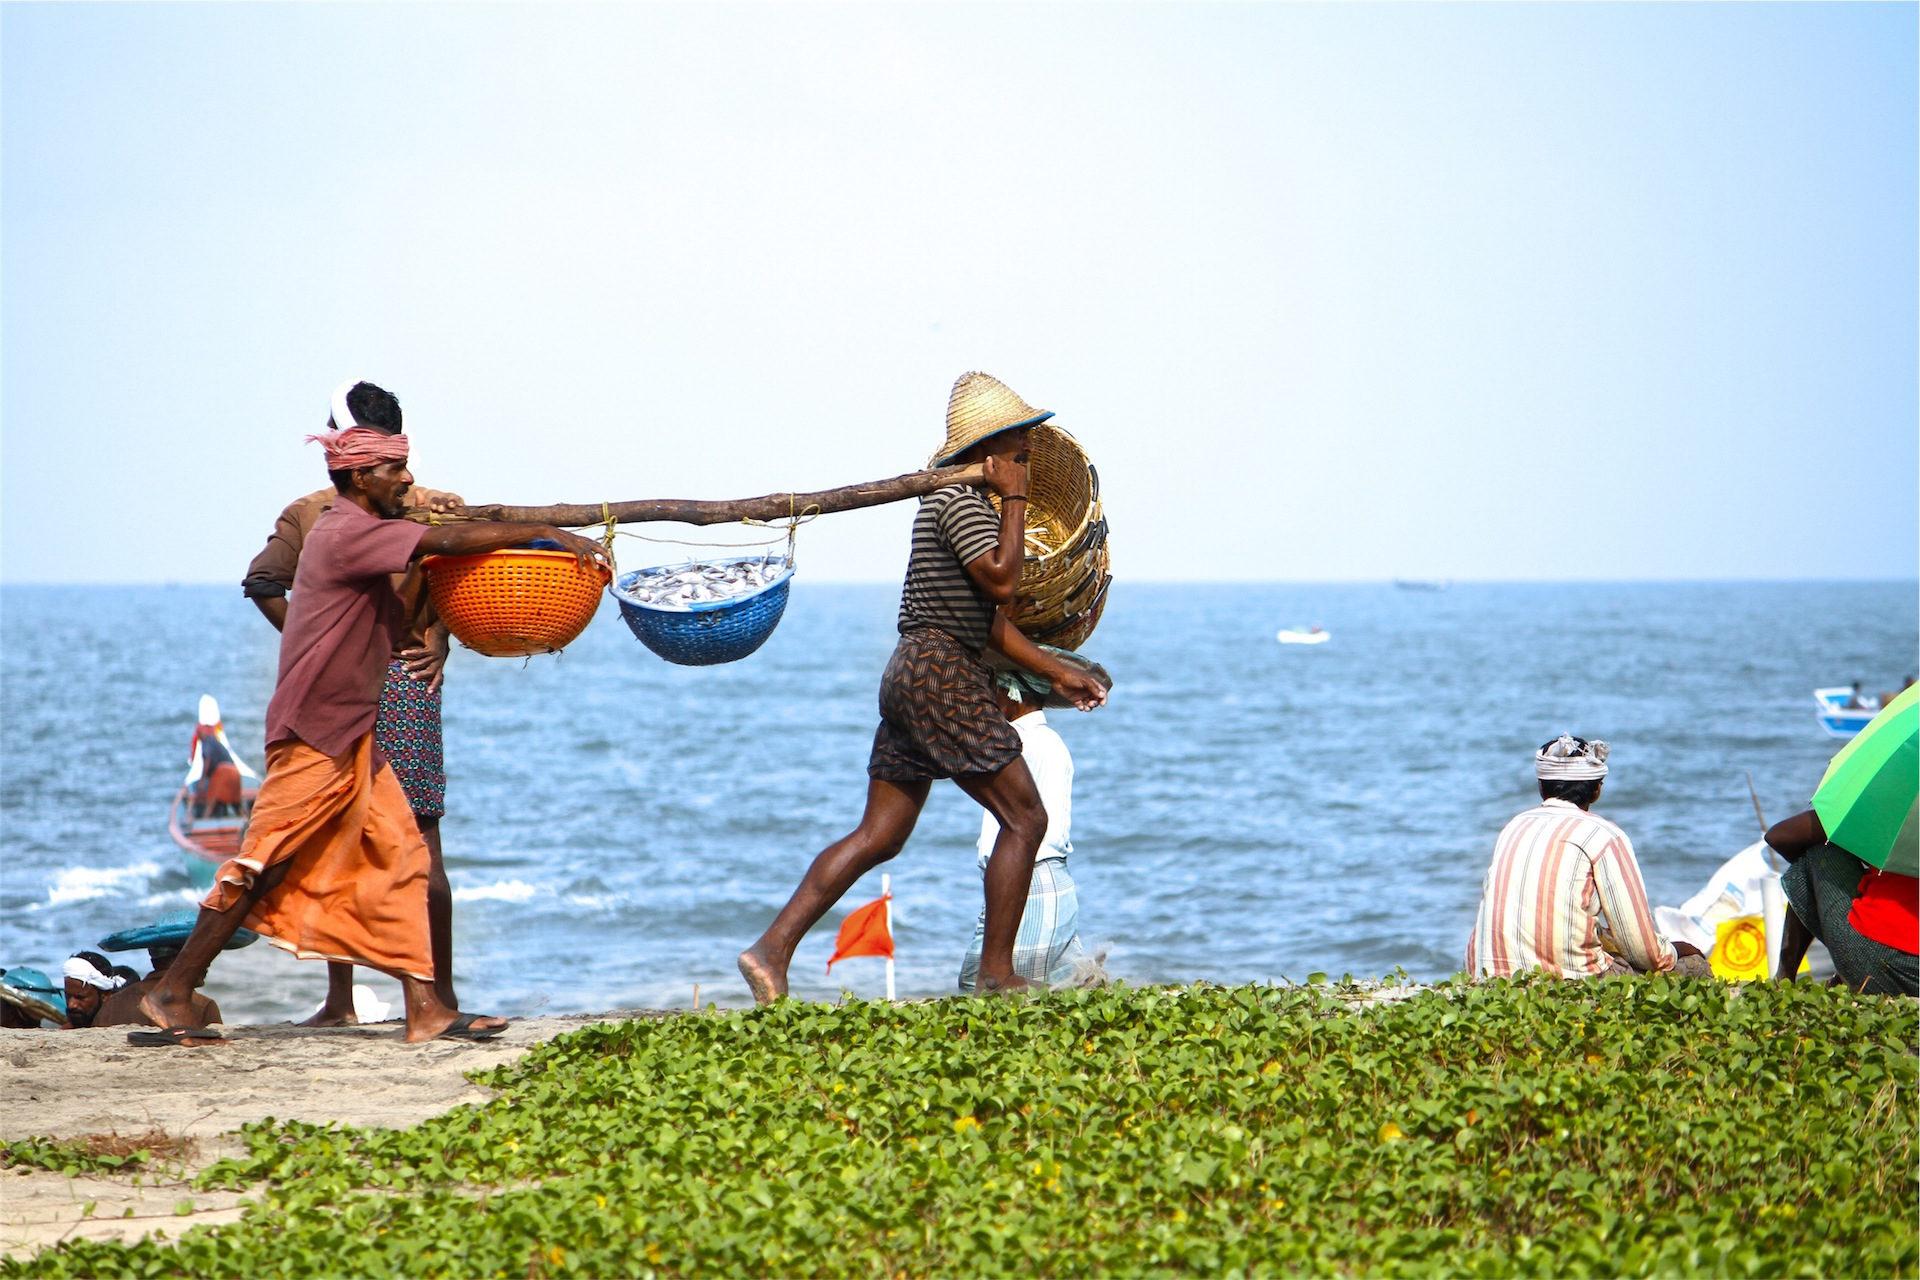 pescadores, trabalho, Mar, peixe, vidas - Papéis de parede HD - Professor-falken.com